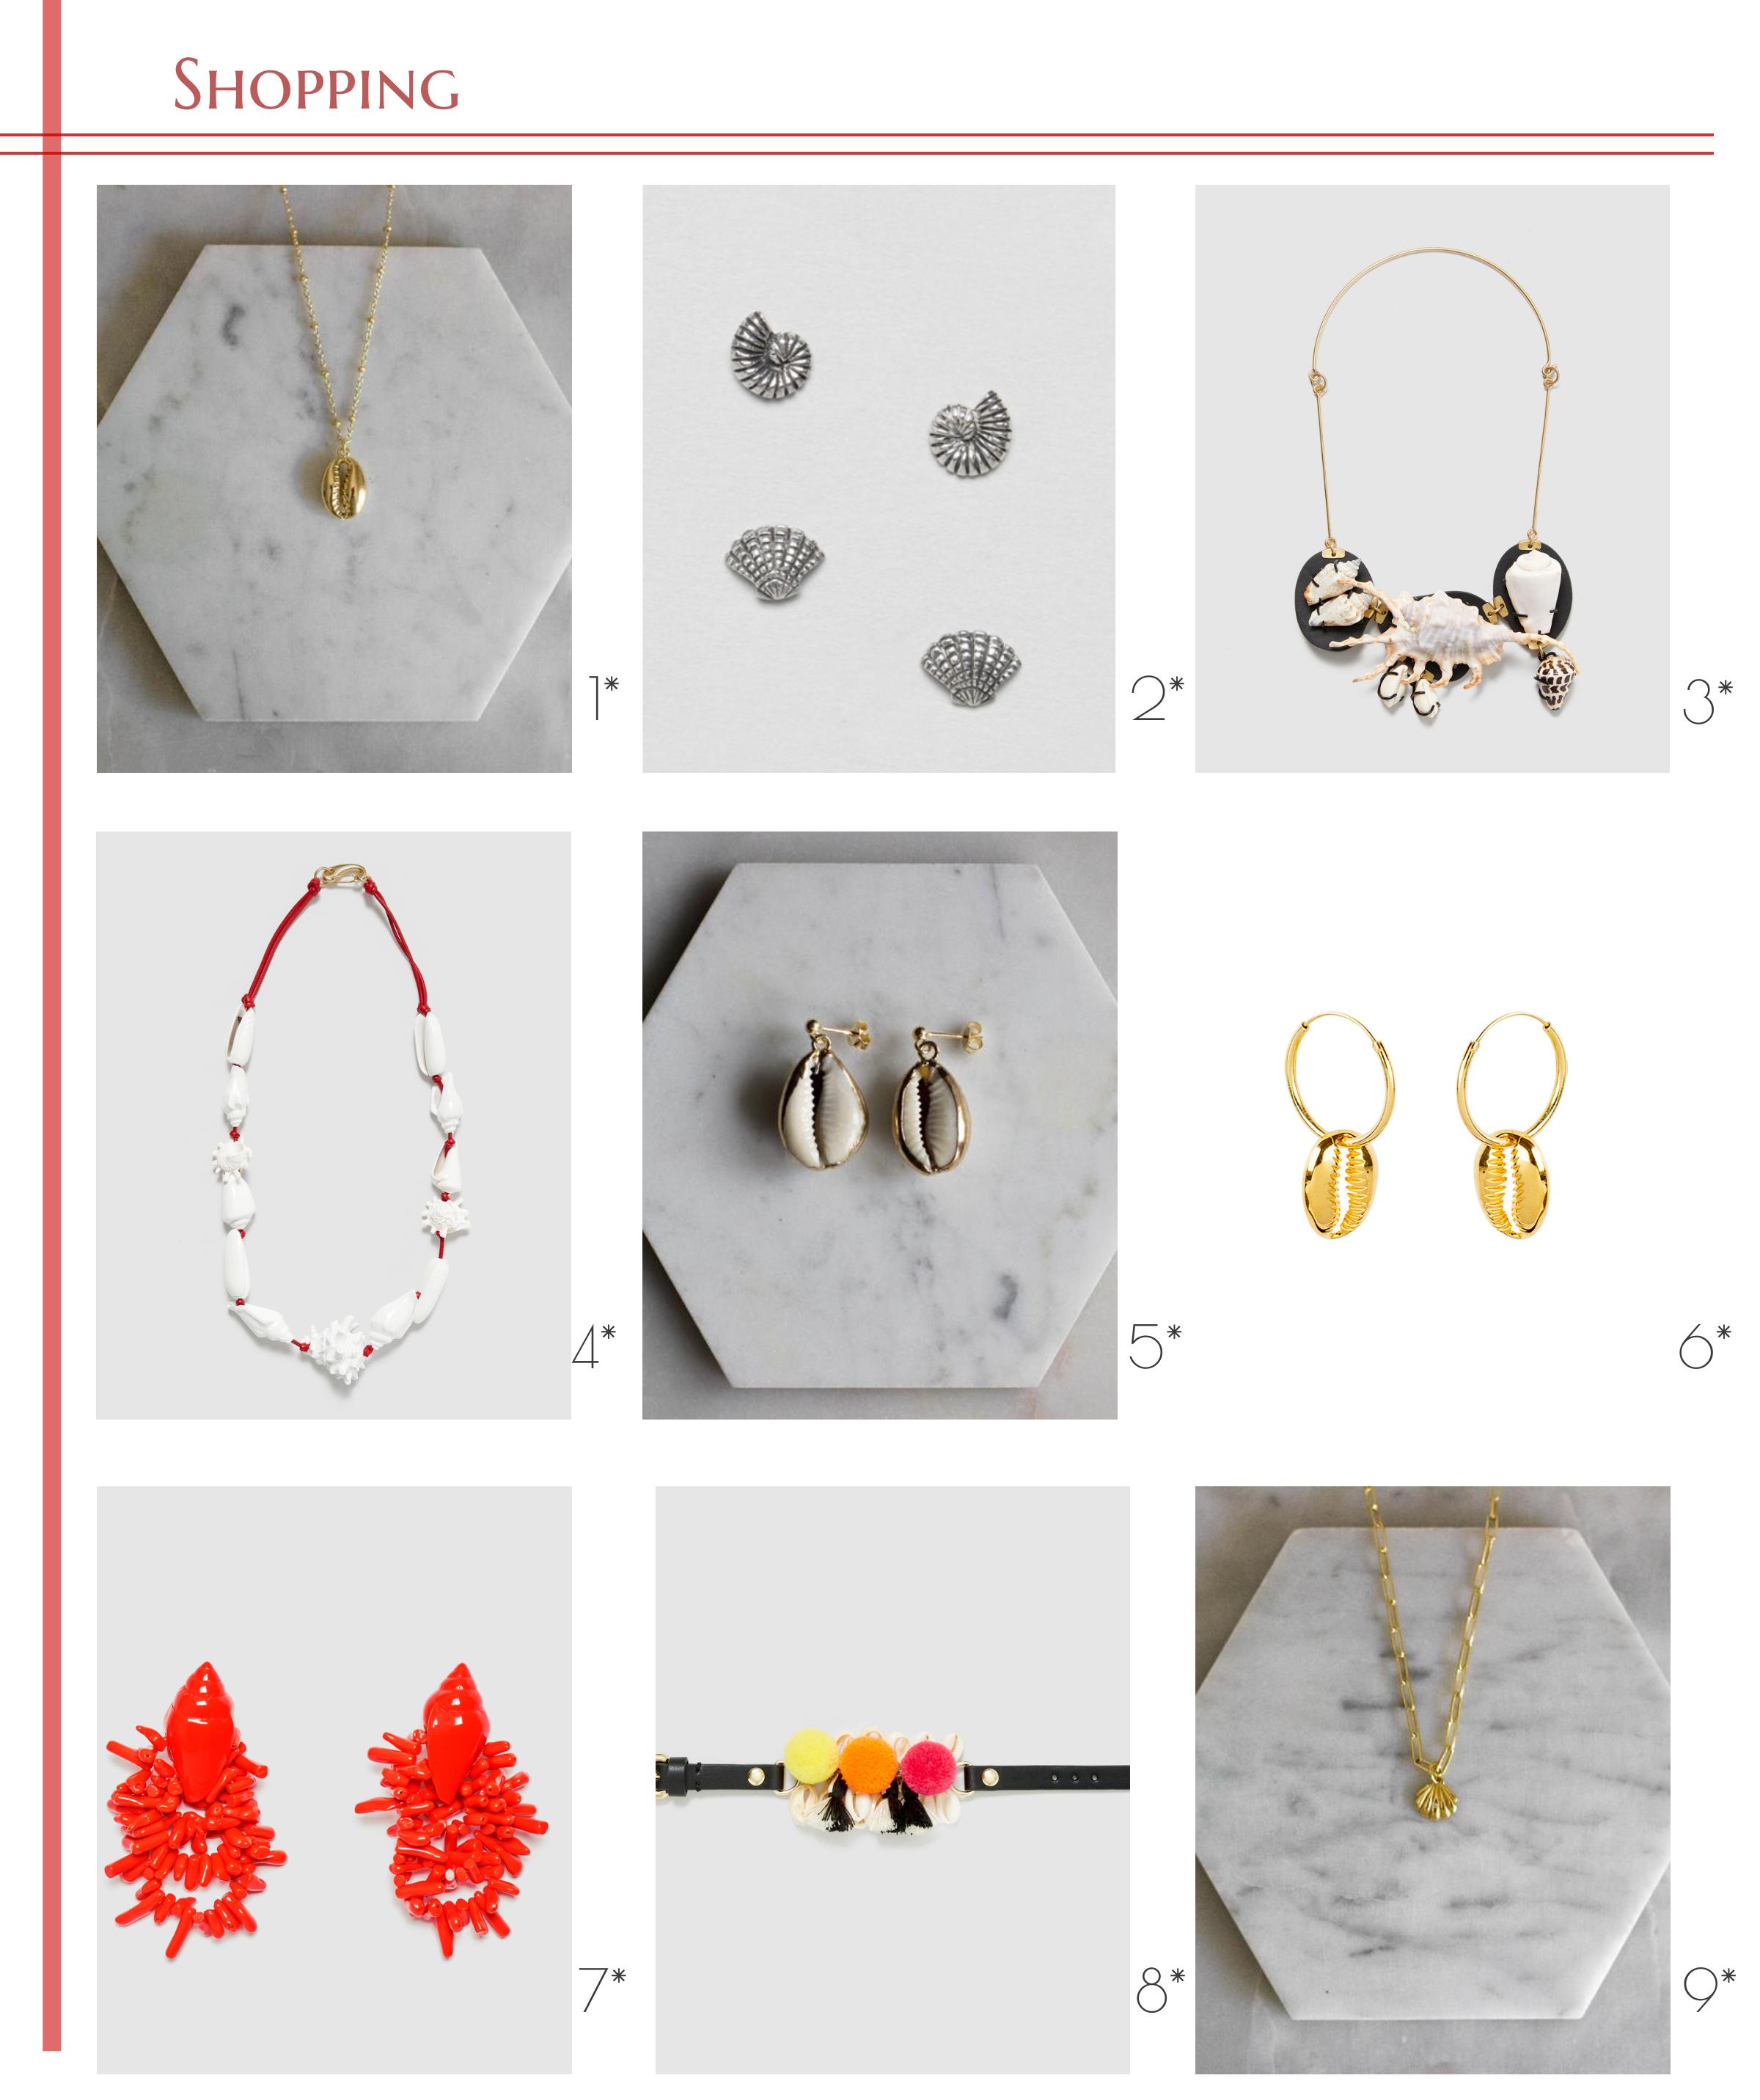 accesorios con conchas shopping